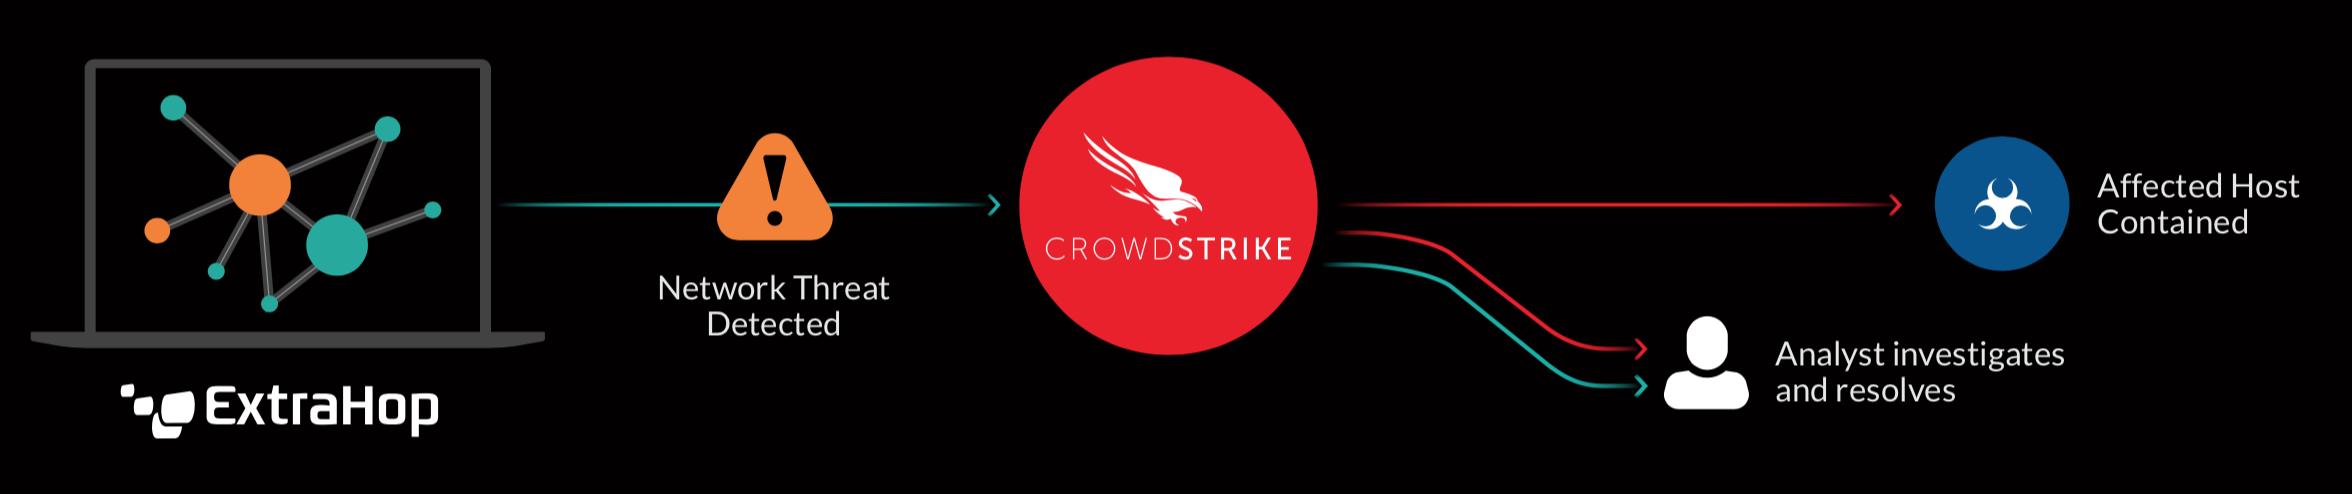 ExtraHop + Crowdstrike Diagram